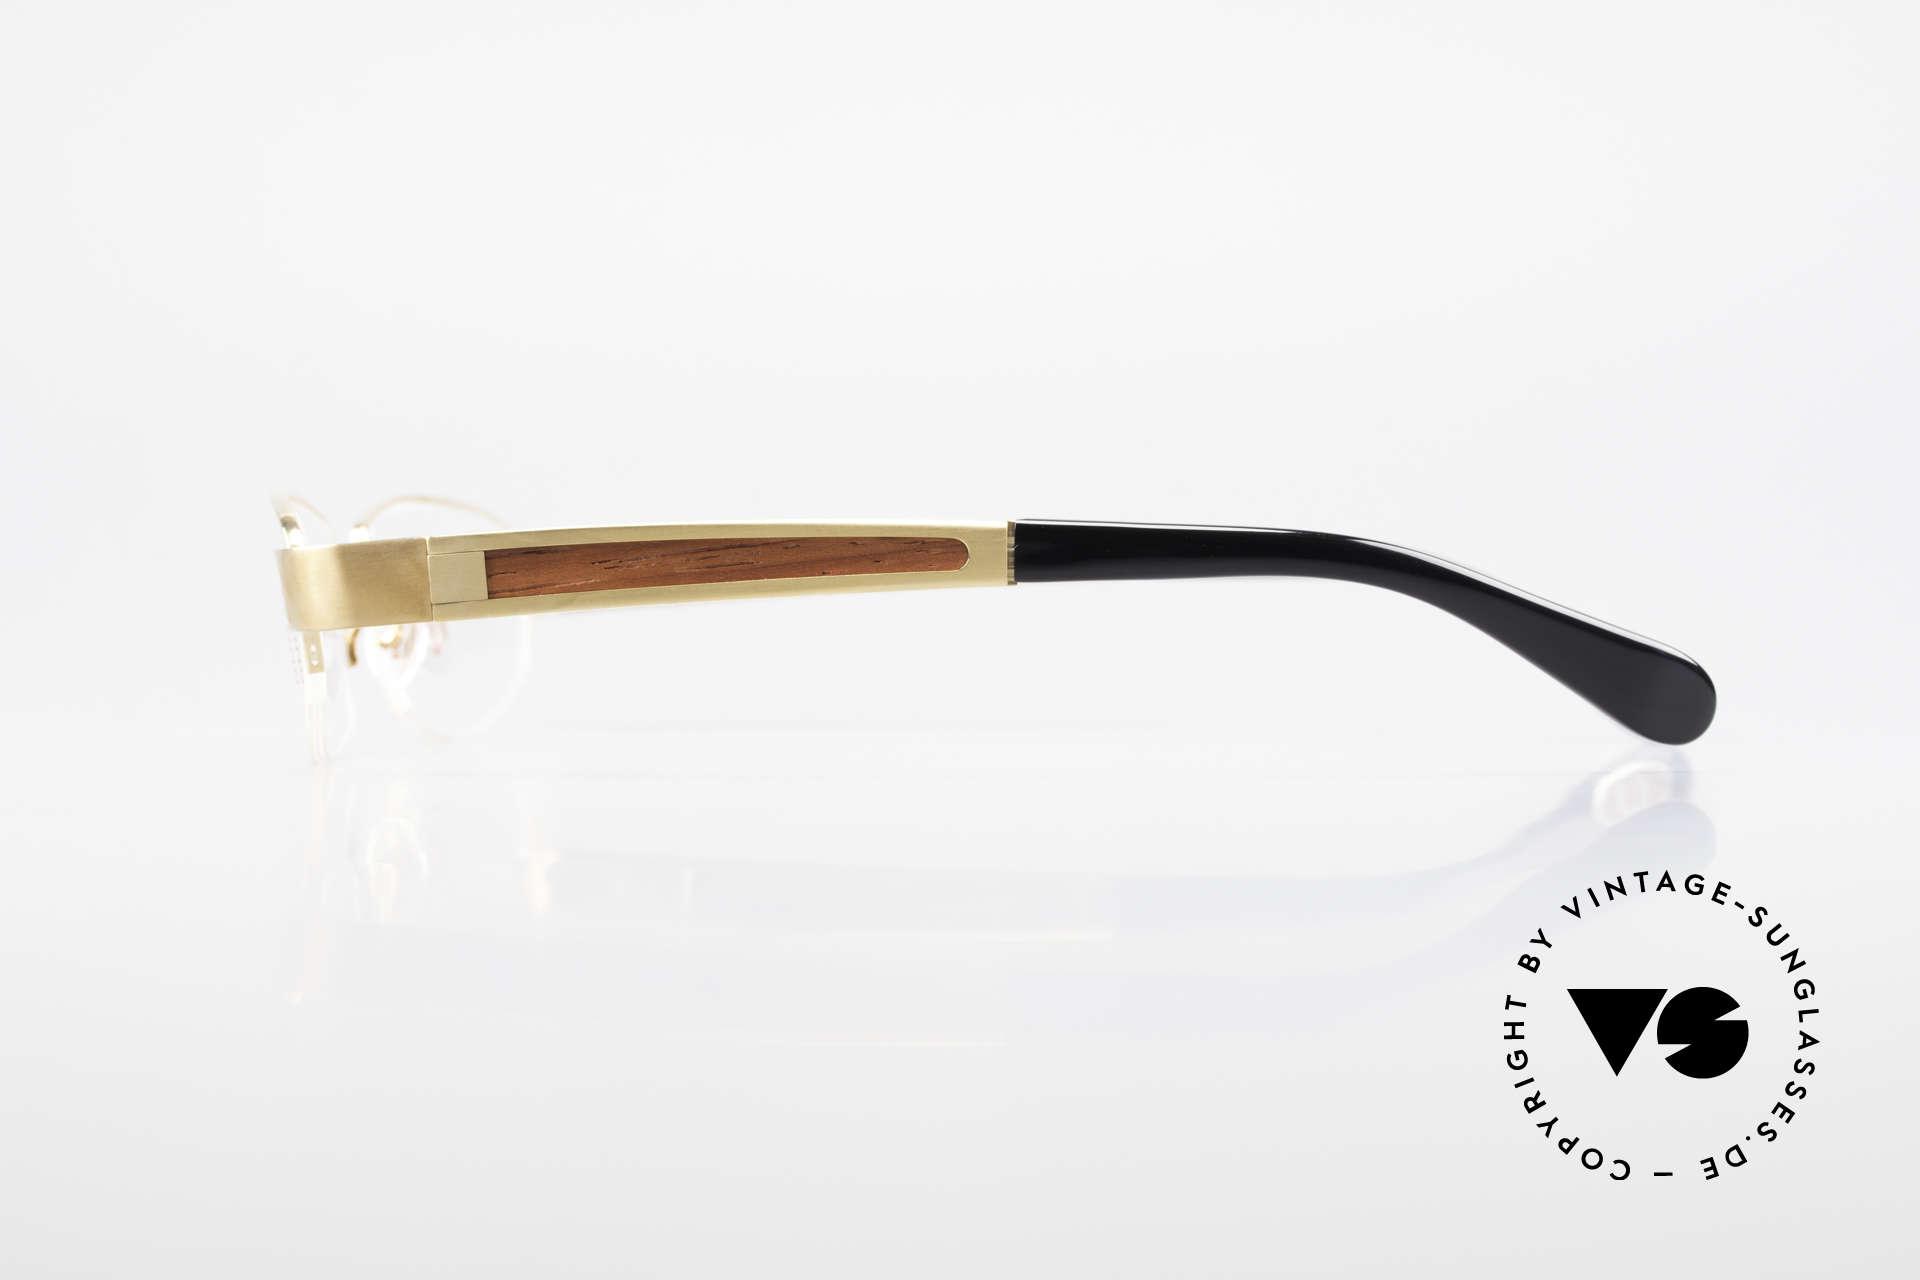 Bugatti 520 Padouk Edelholz Gold Titan, flexible Federscharniere für eine optimale Passform, Passend für Herren